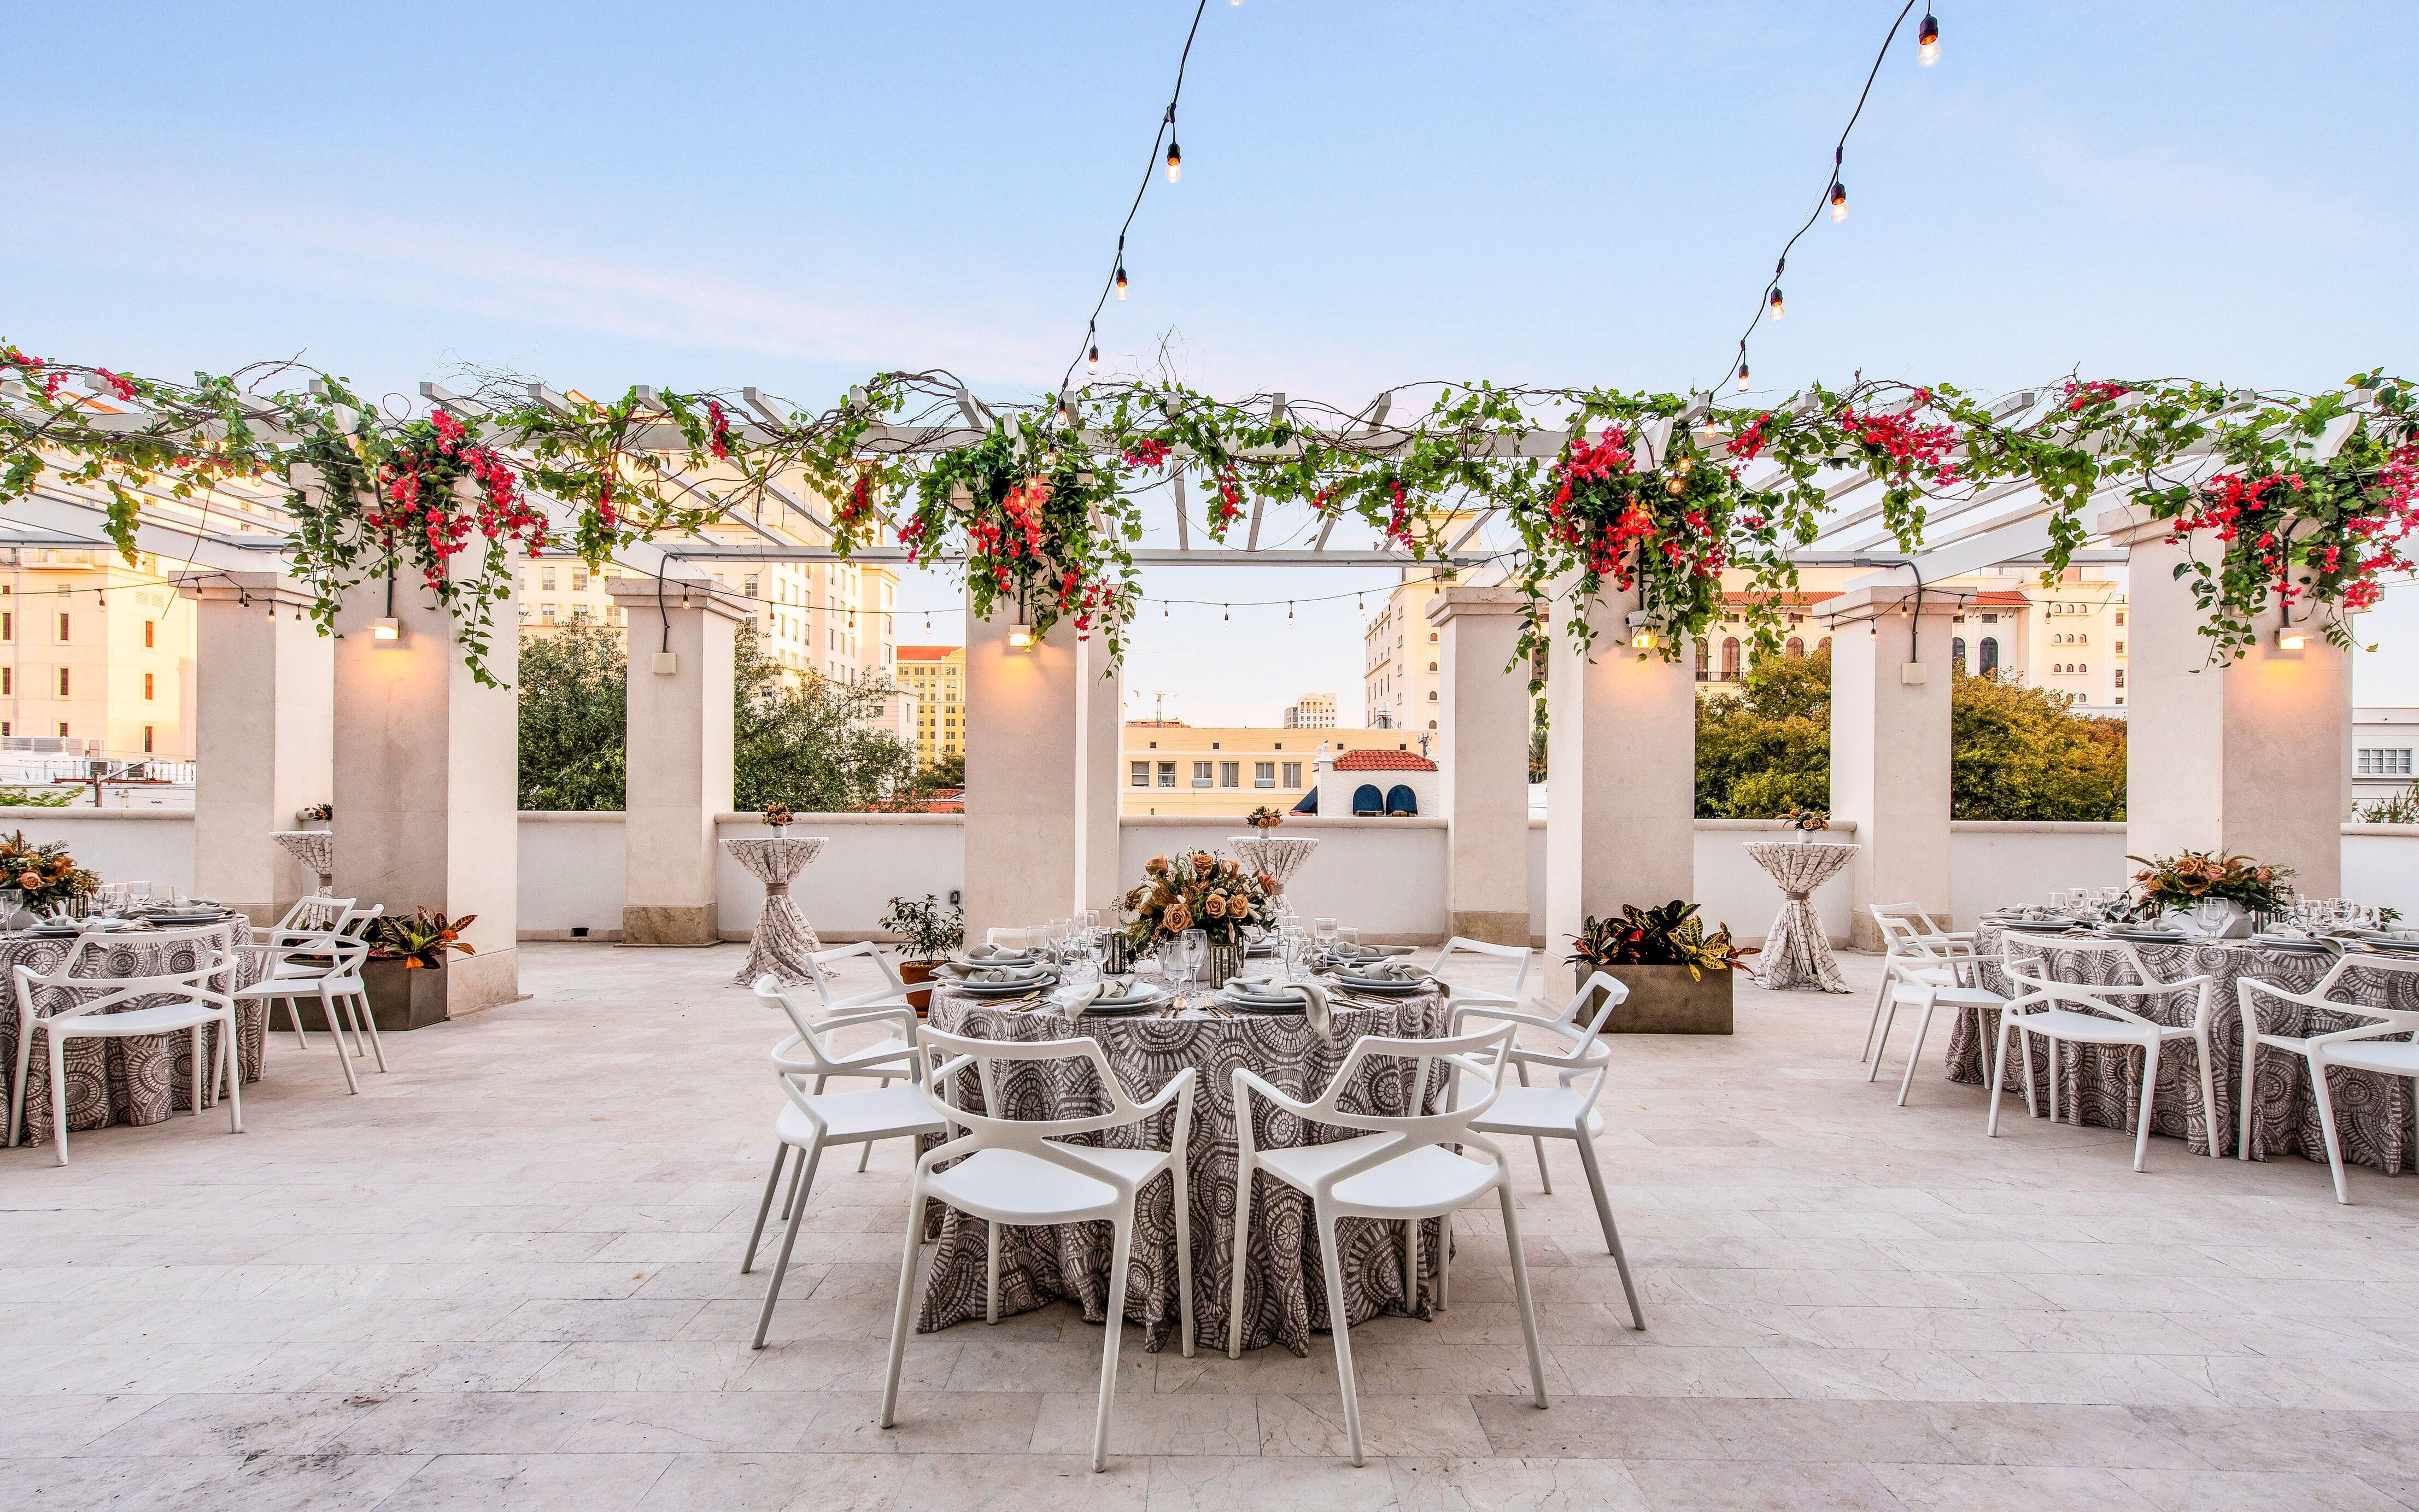 The Terrace at Ponce De Leon, Miami